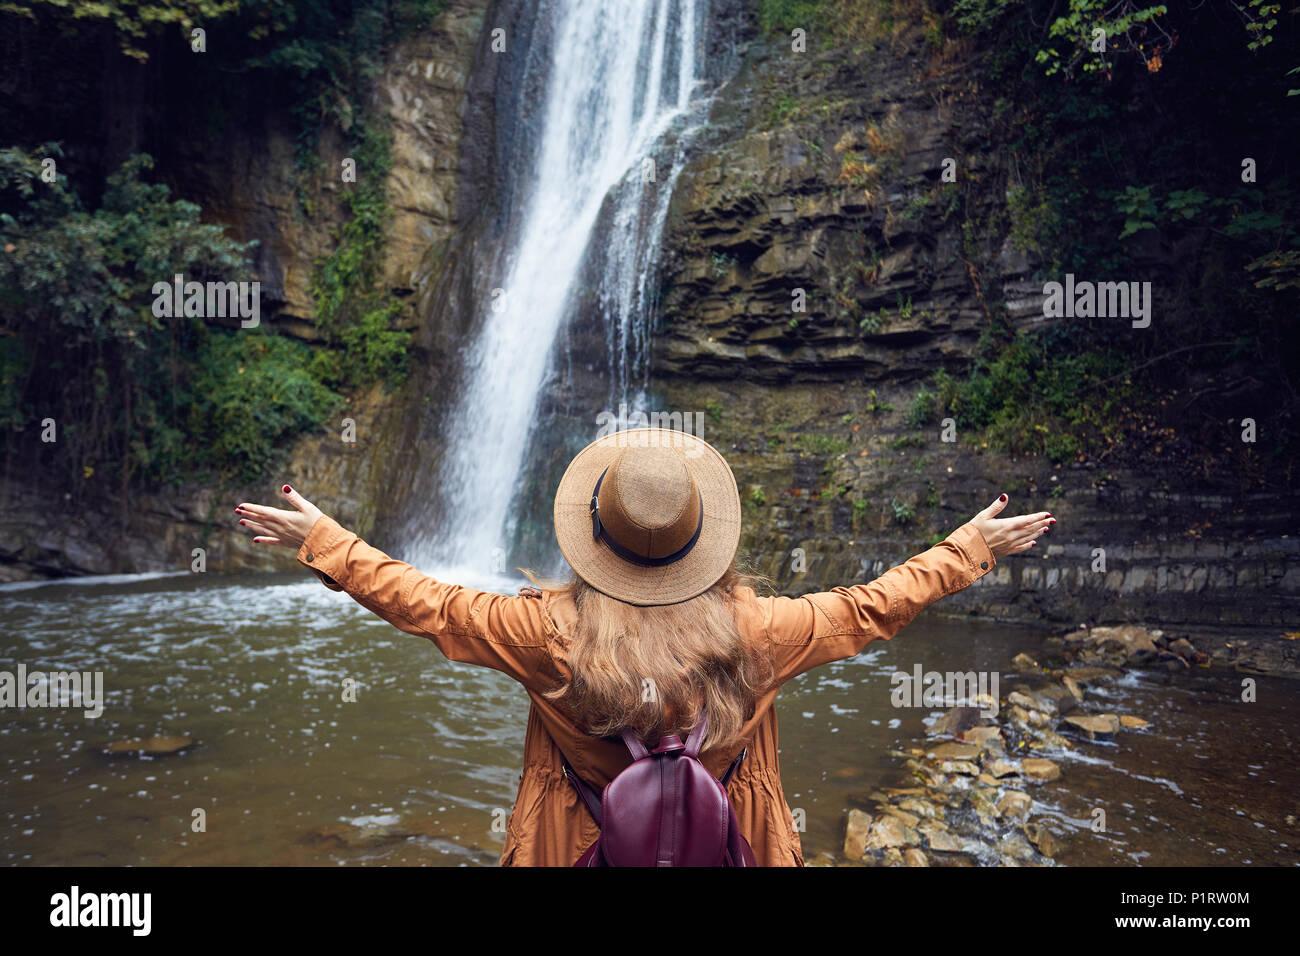 Donna in Hat salire la sua mano vicino a cascata nel Giardino Botanico di Tbilisi, Georgia Immagini Stock